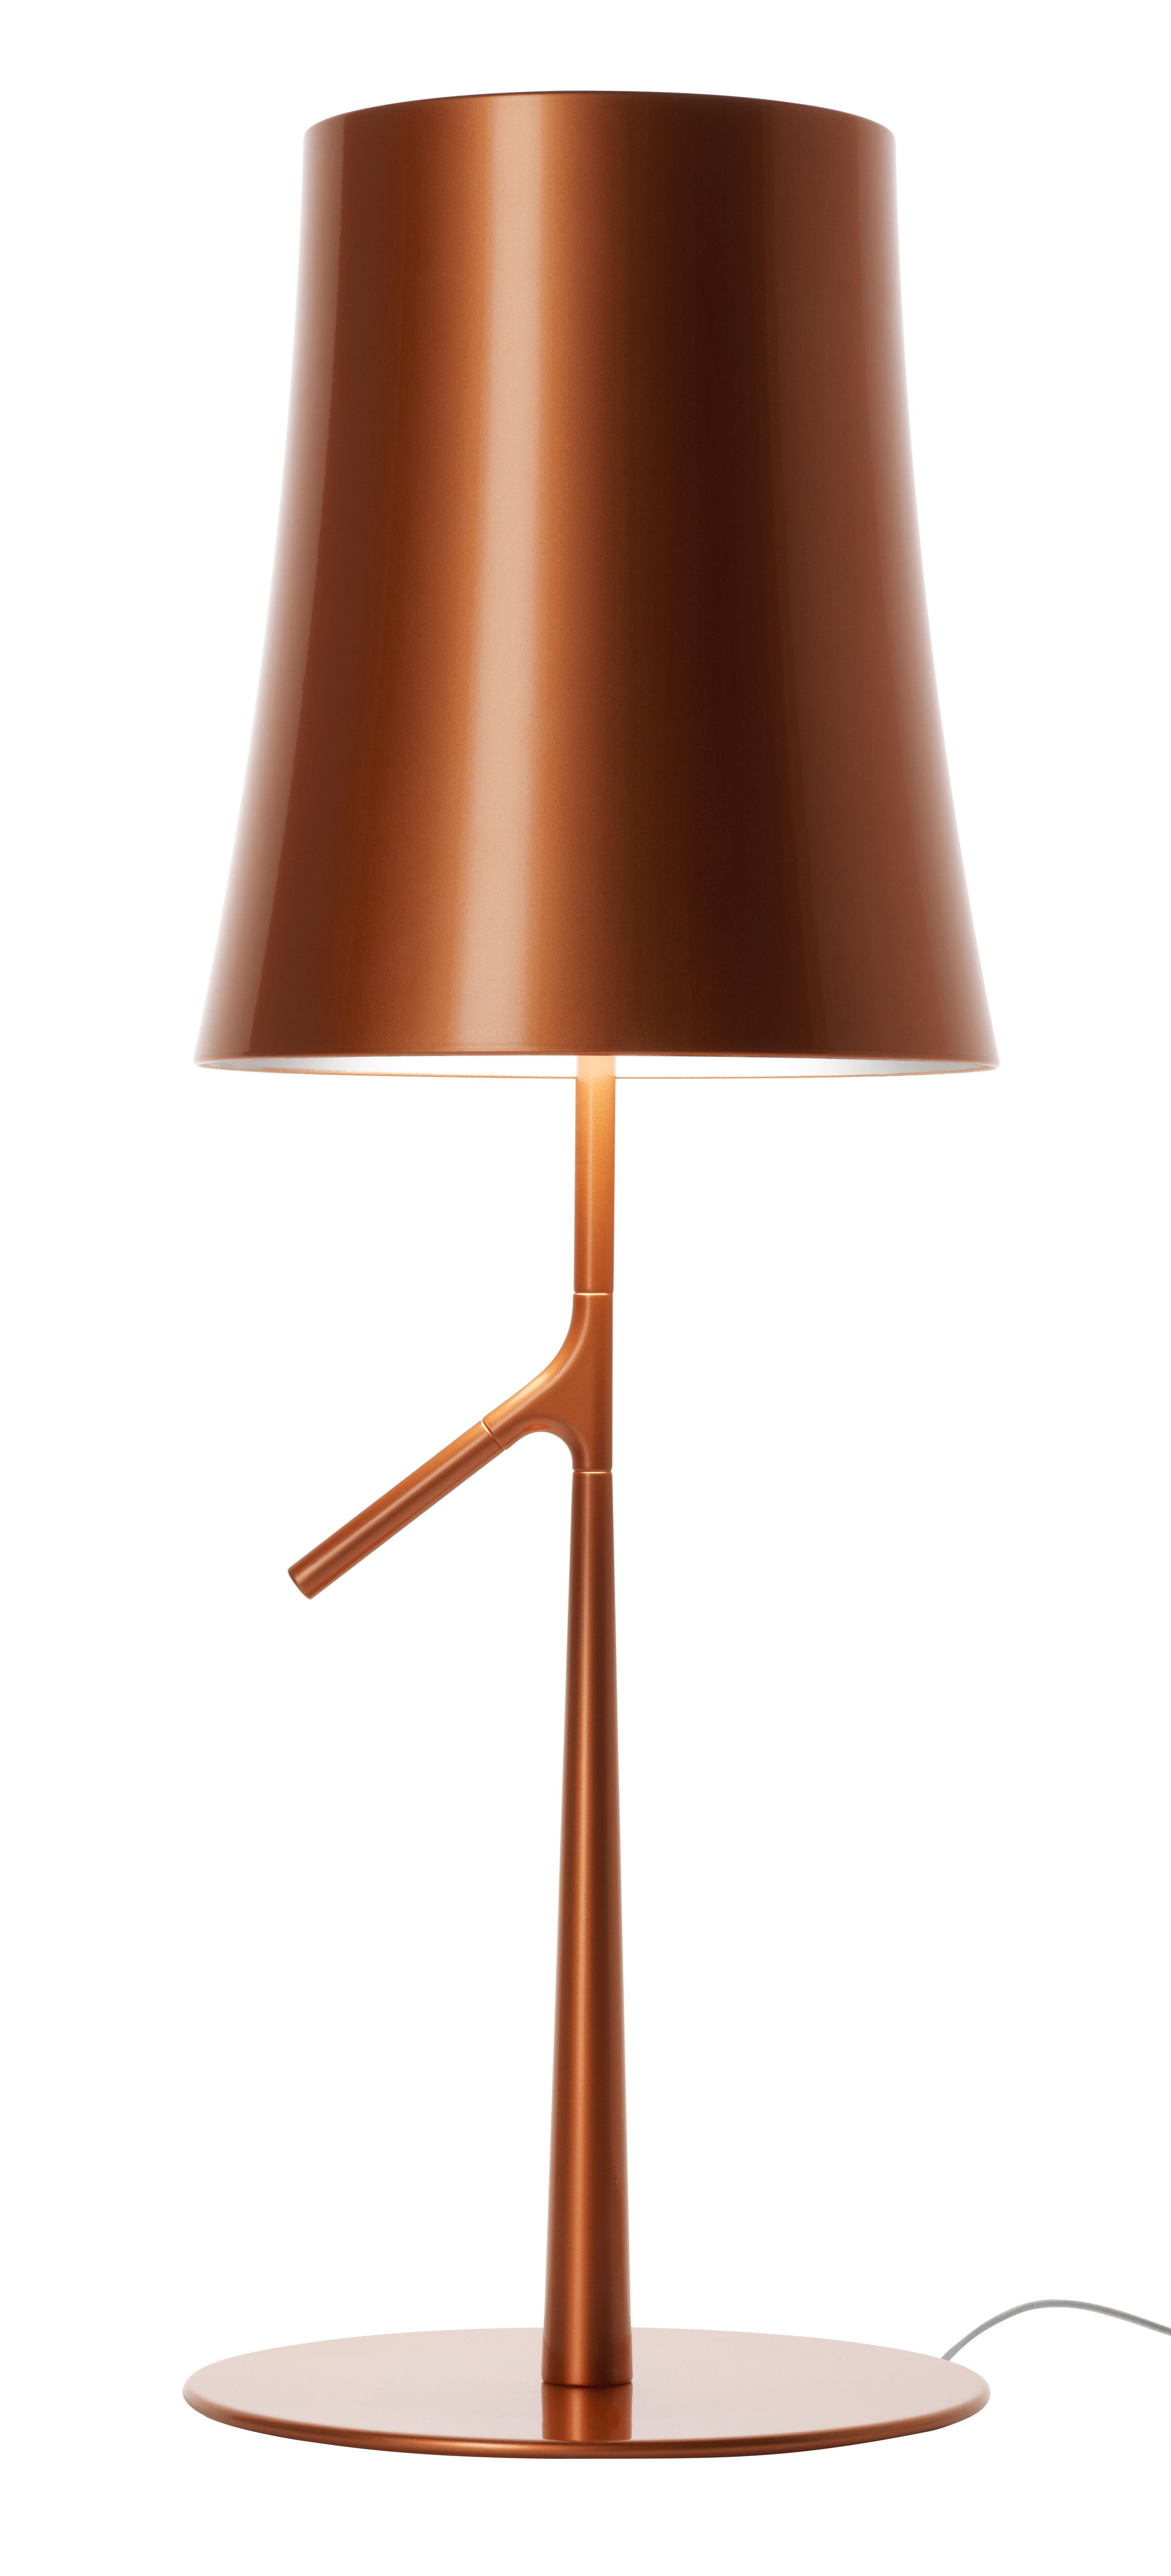 Leuchten - Tischleuchten - Birdie Grande Tischleuchte / LED - H 70 cm - Foscarini - Kupferfarben - Polycarbonat, metallisiert, Stahl, Zinklegierung